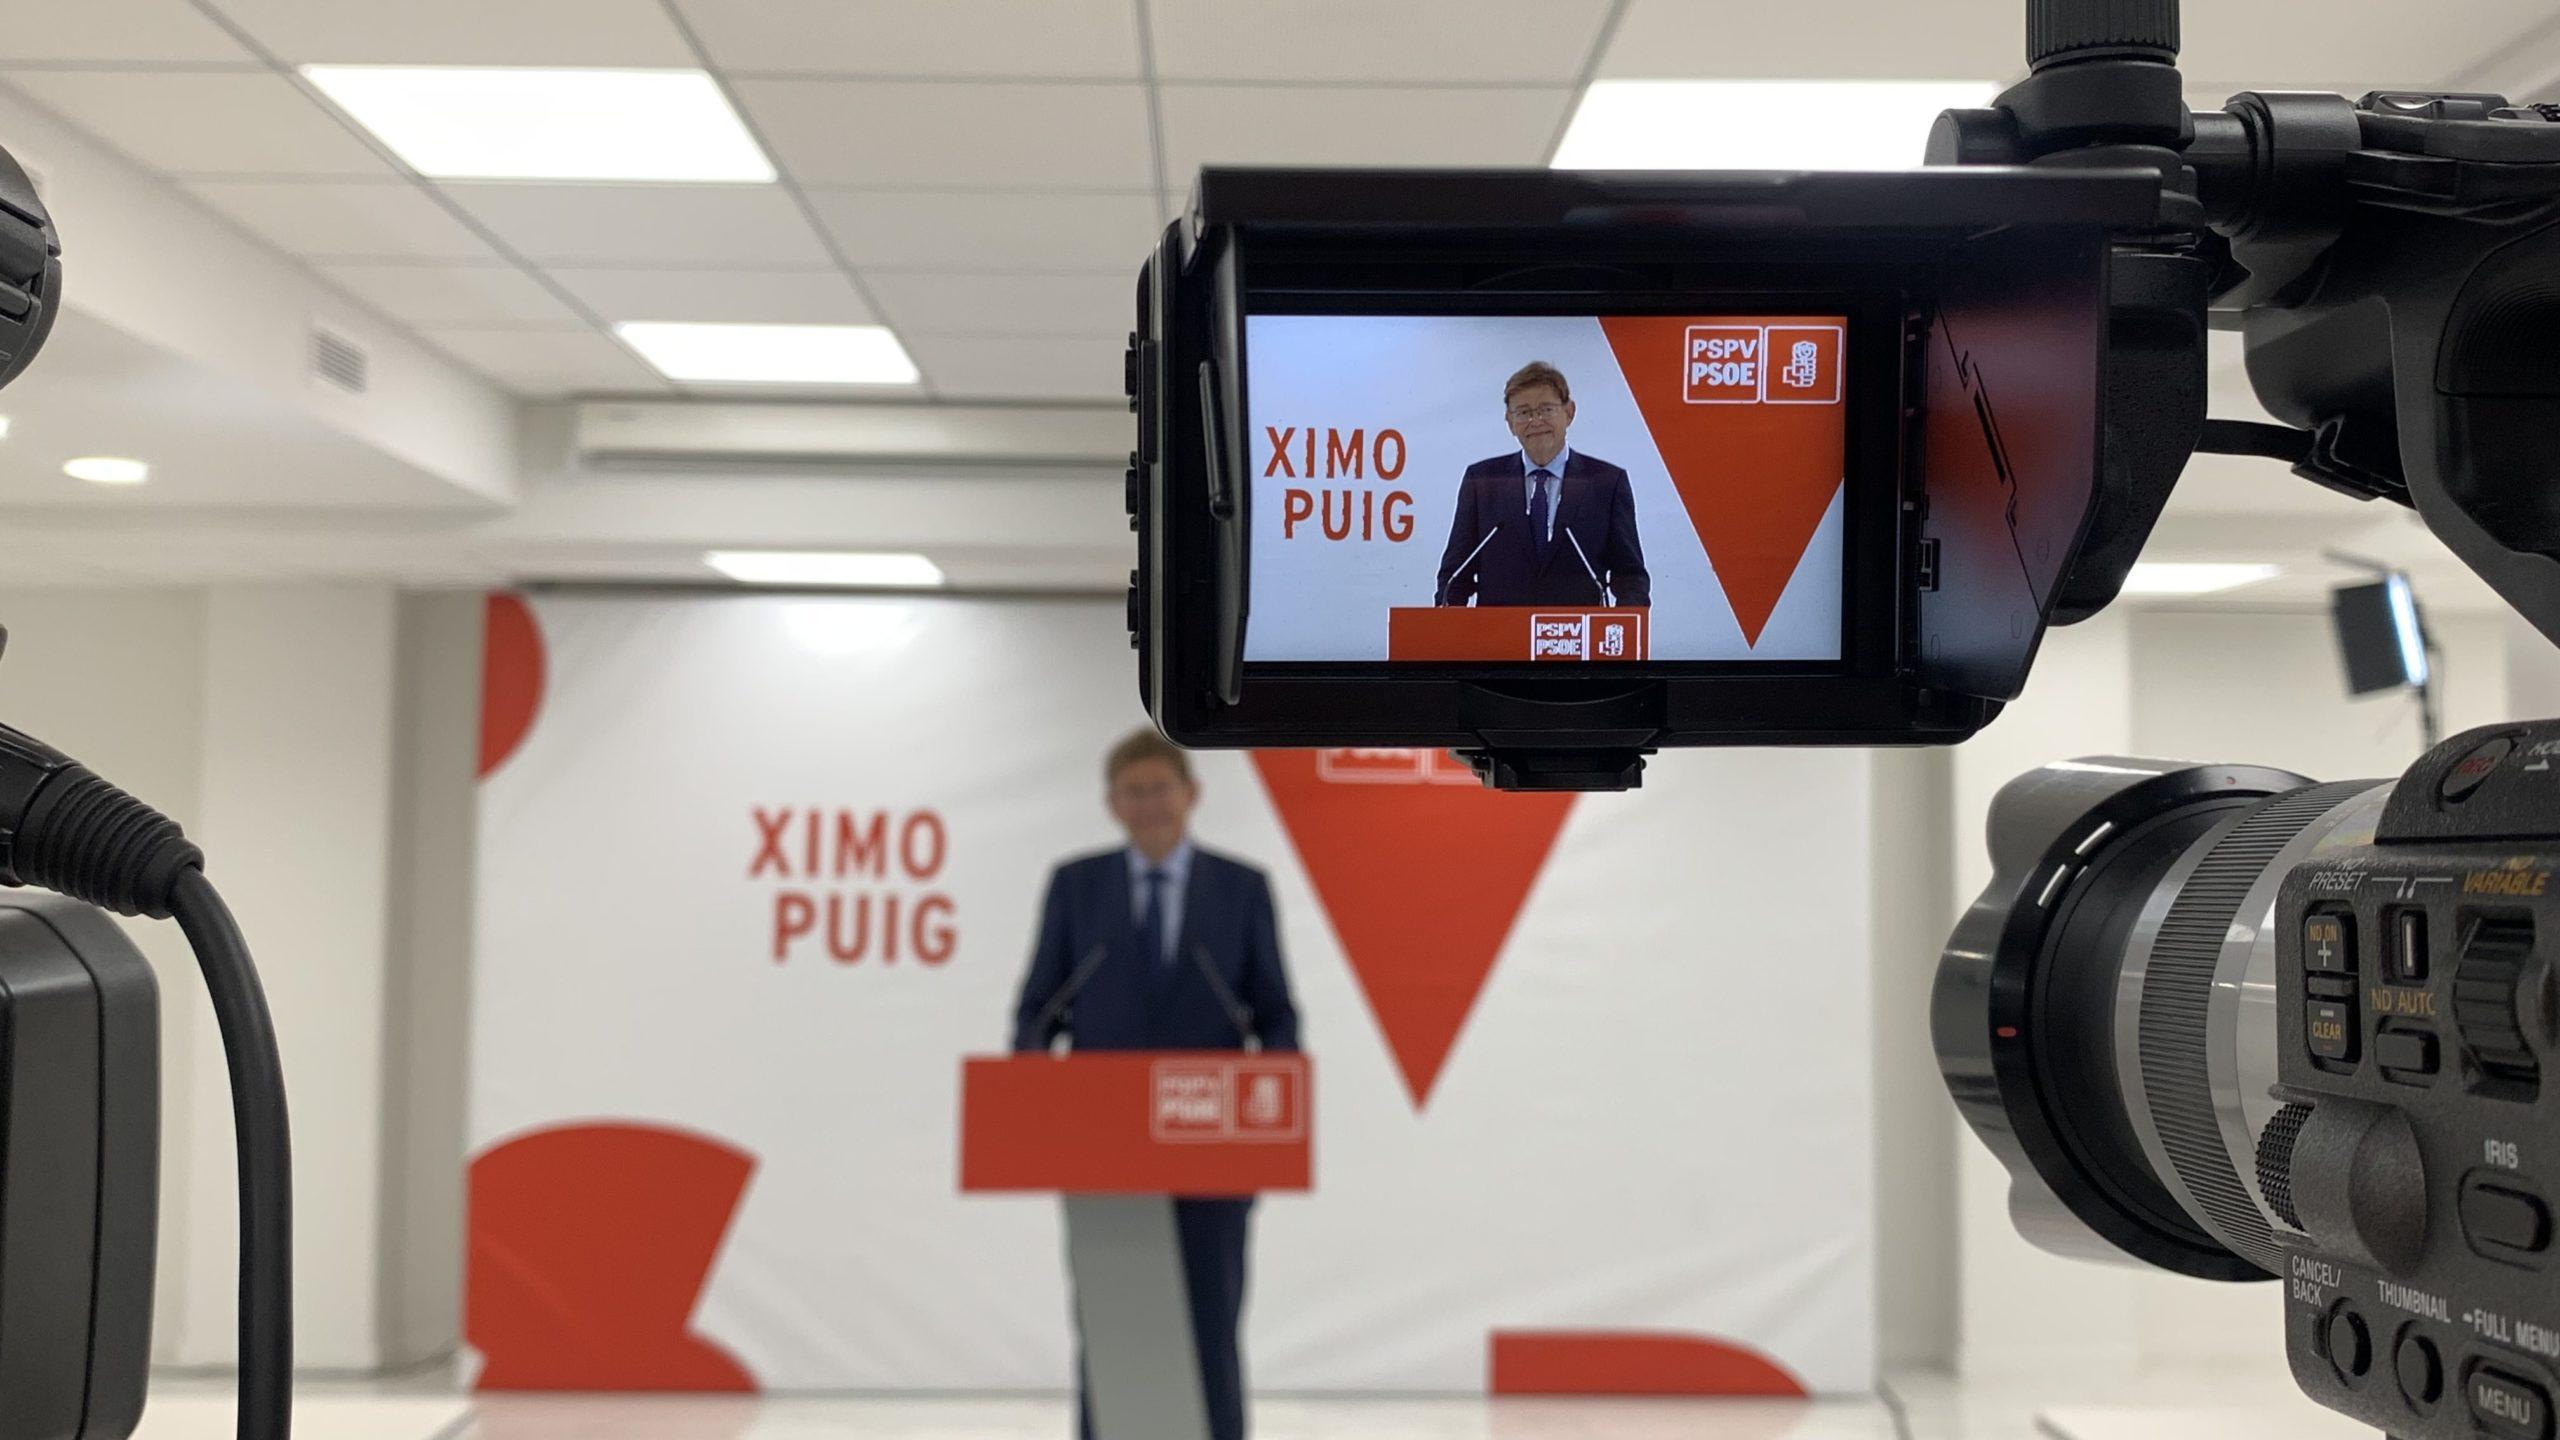 """En este momento estás viendo Ximo Puig: """"El PSPV-PSOE ha hecho ejercicio de responsabilidad que nos consolidará como primera fuerza política en la Comunitat Valenciana"""""""